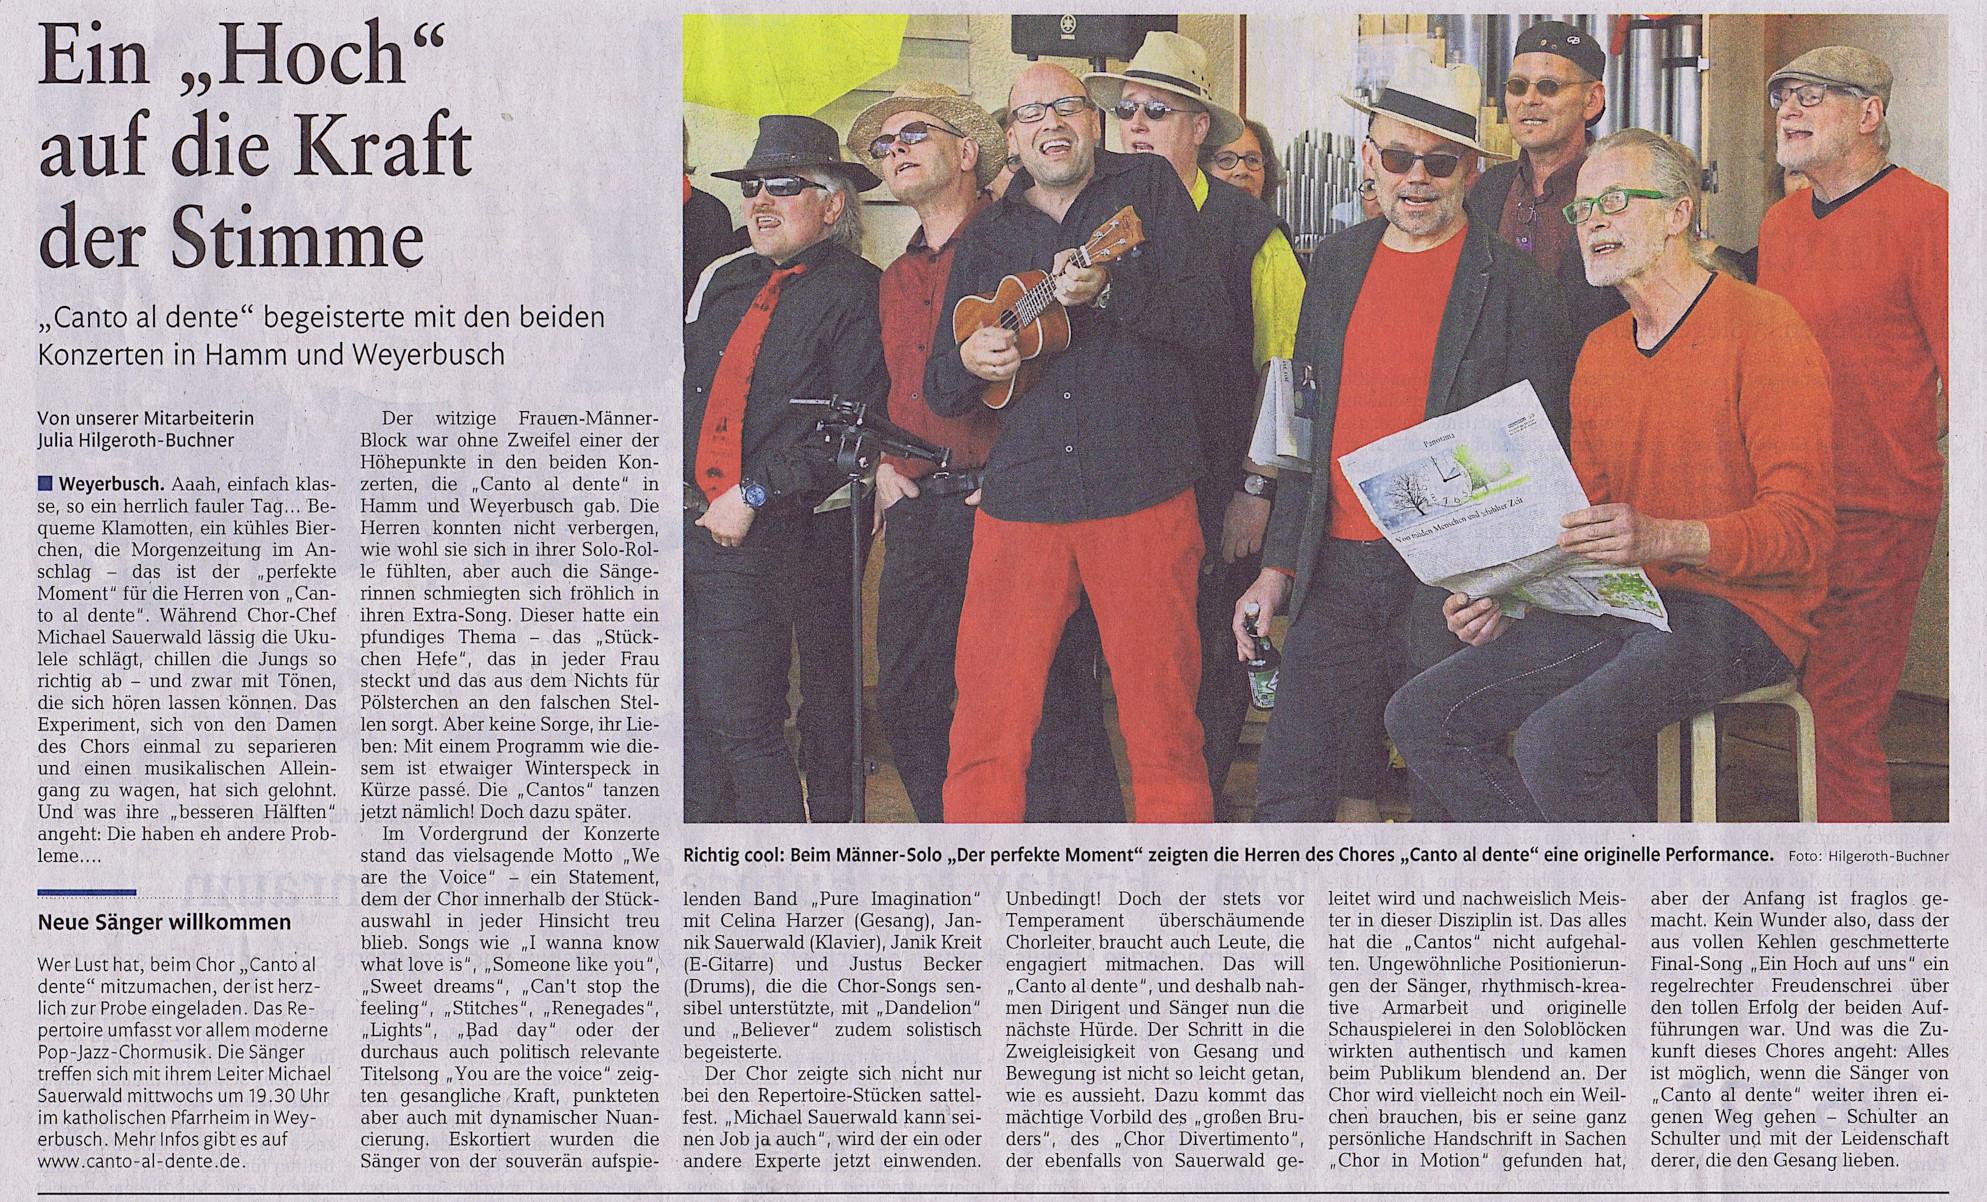 mit freundlicher Genehmigung der Rhein-Zeitung, Ausgabe H, vom 02.04.2019, Seite 17